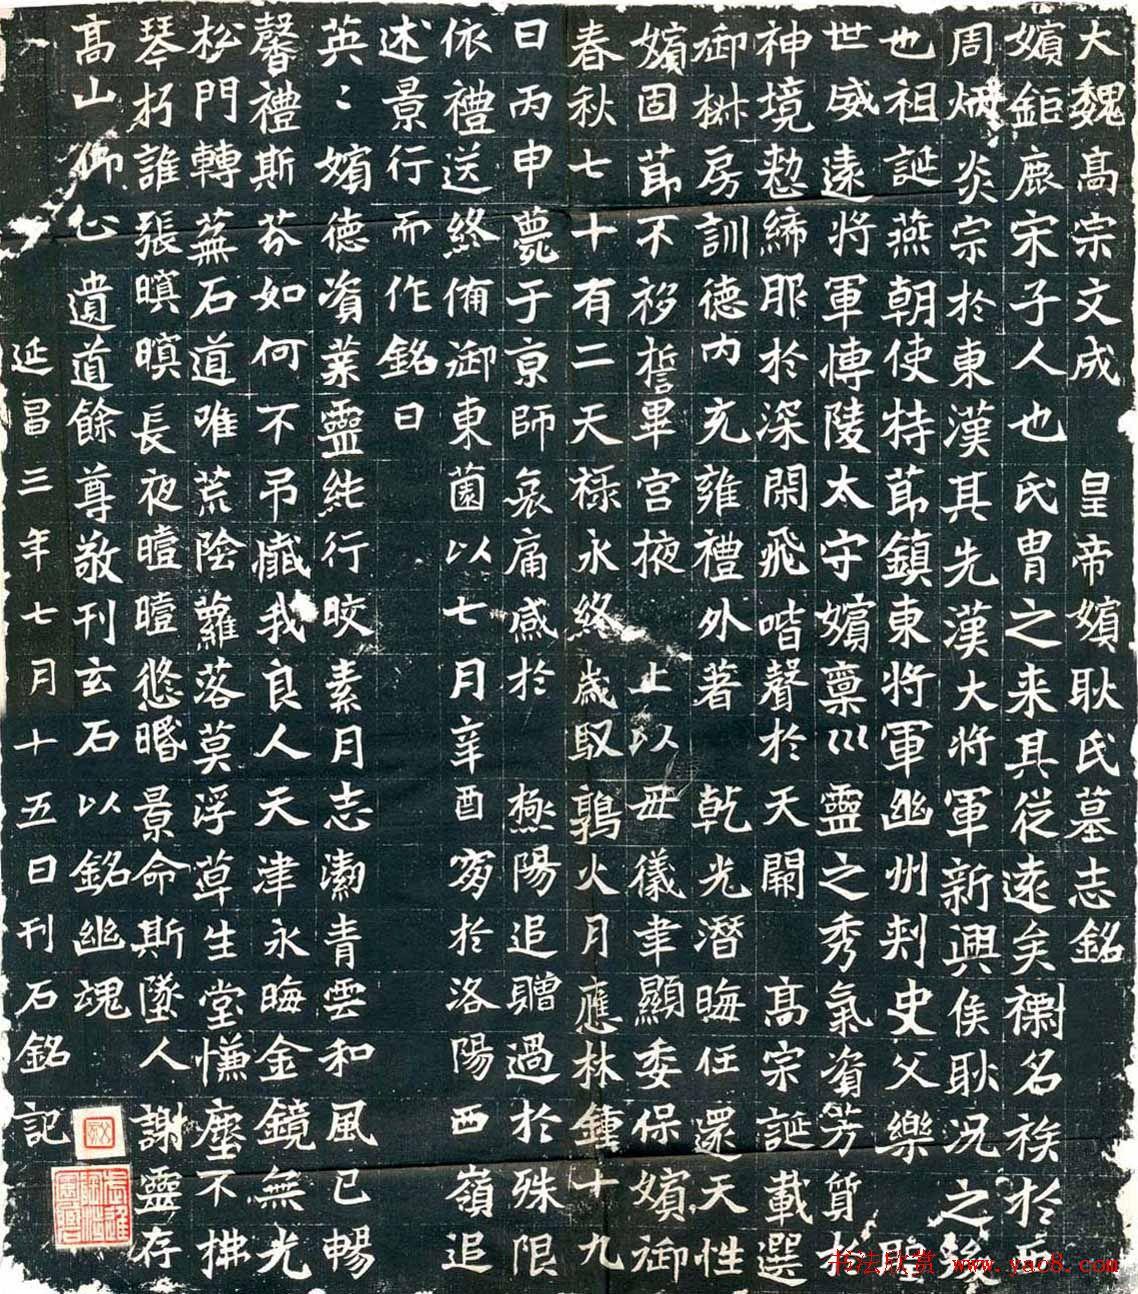 魏楷书法欣赏《高宗嫔耿氏墓志》